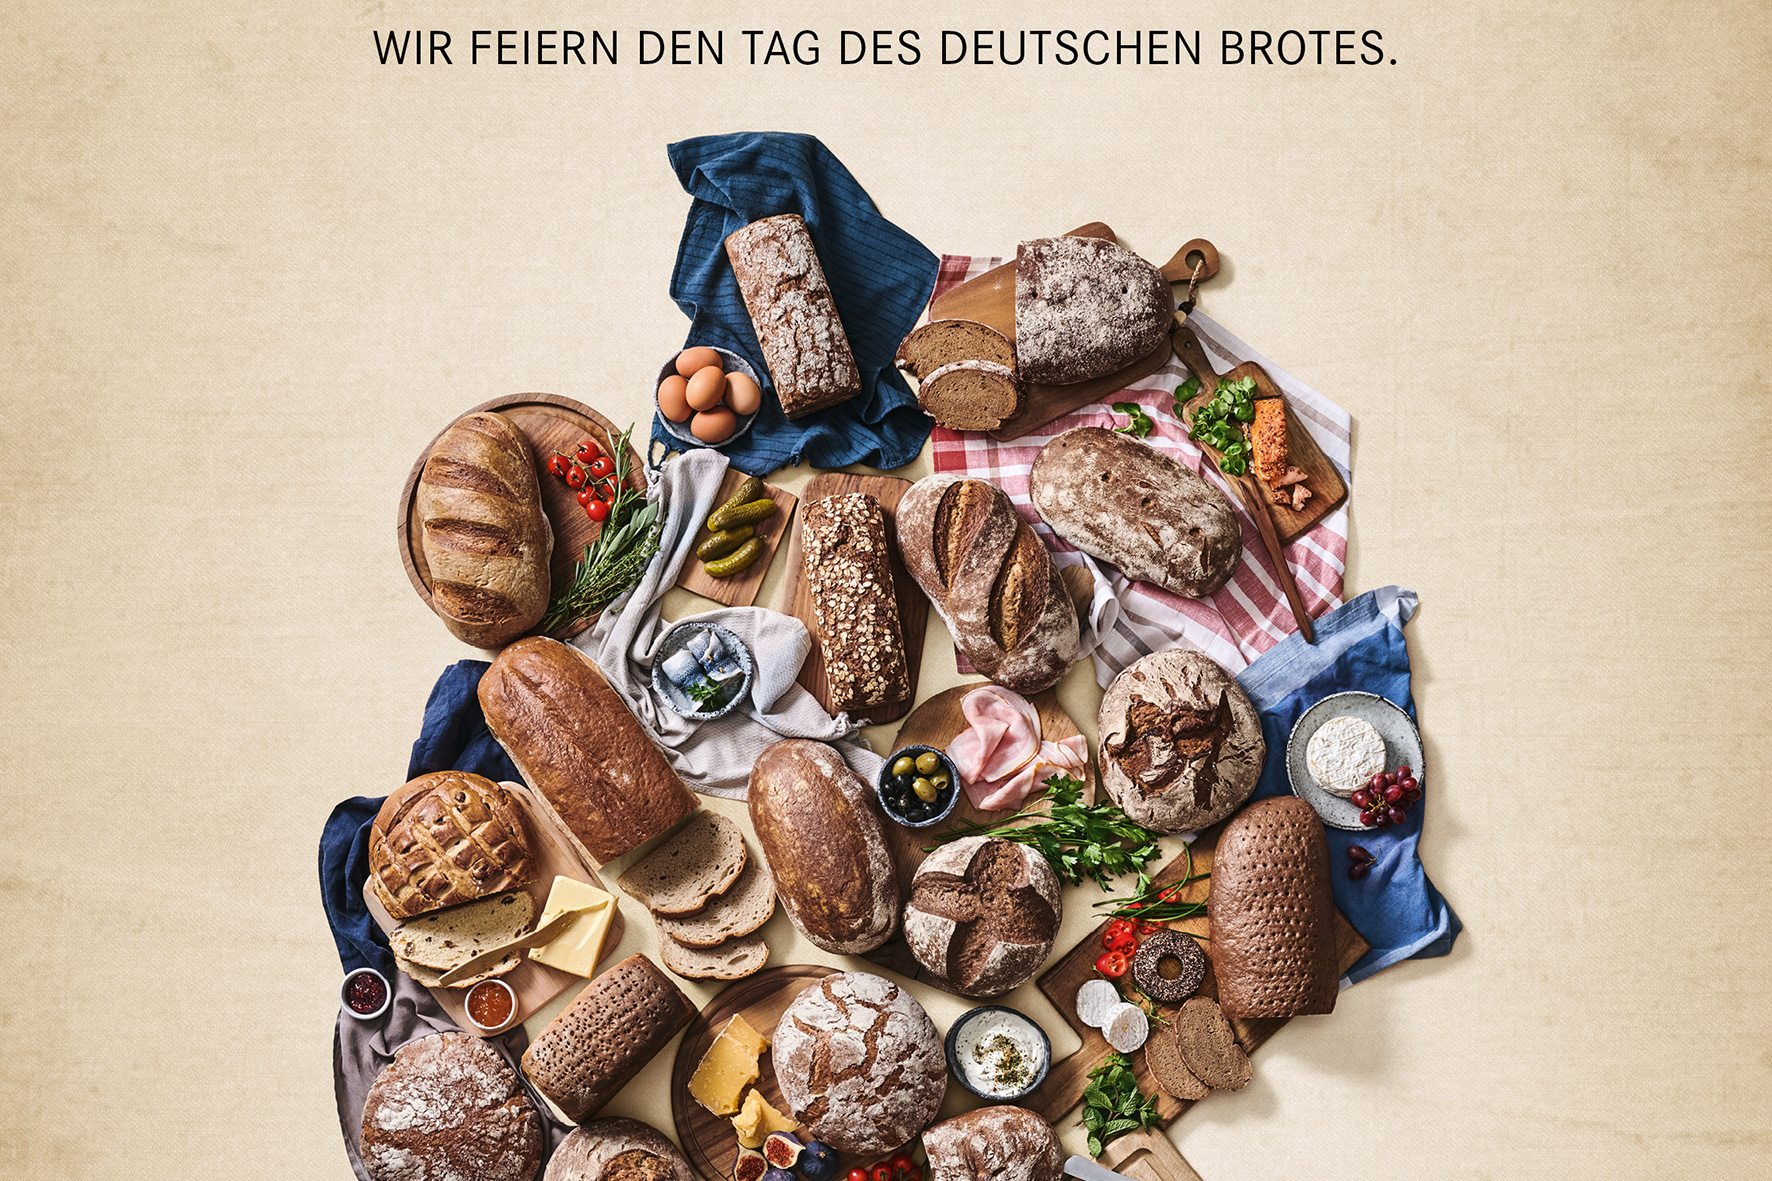 Nationalmannschaft verschenkt Brot